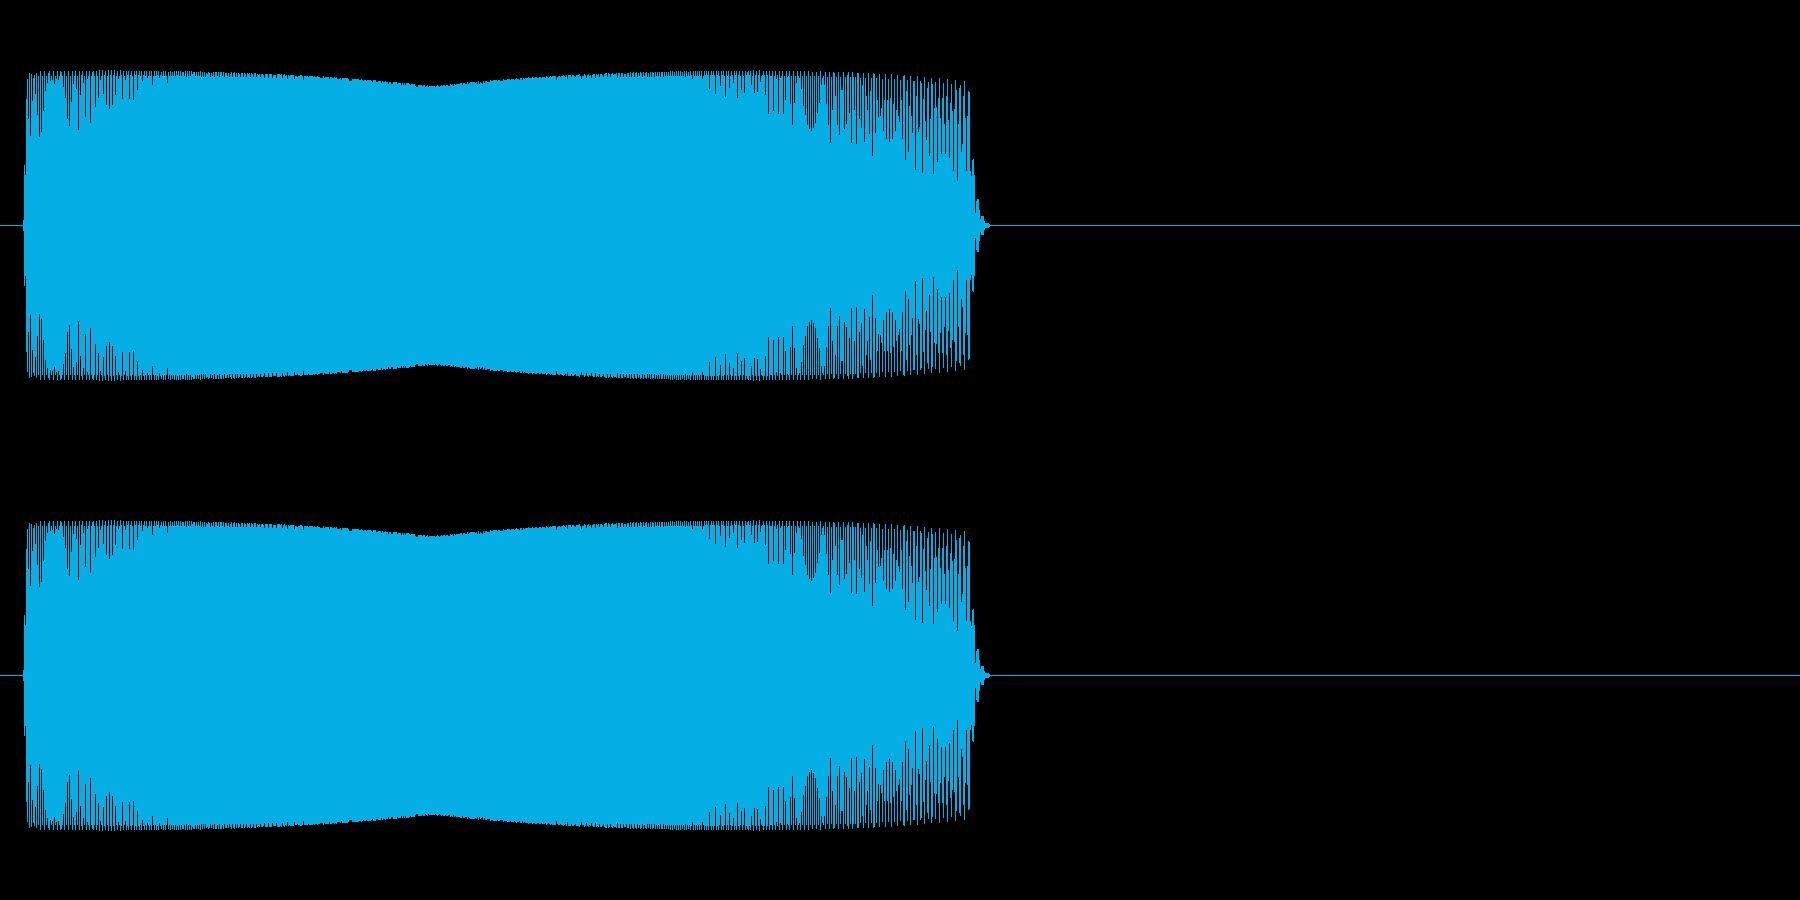 ジャンプ音 「ぴゅいーん」の再生済みの波形